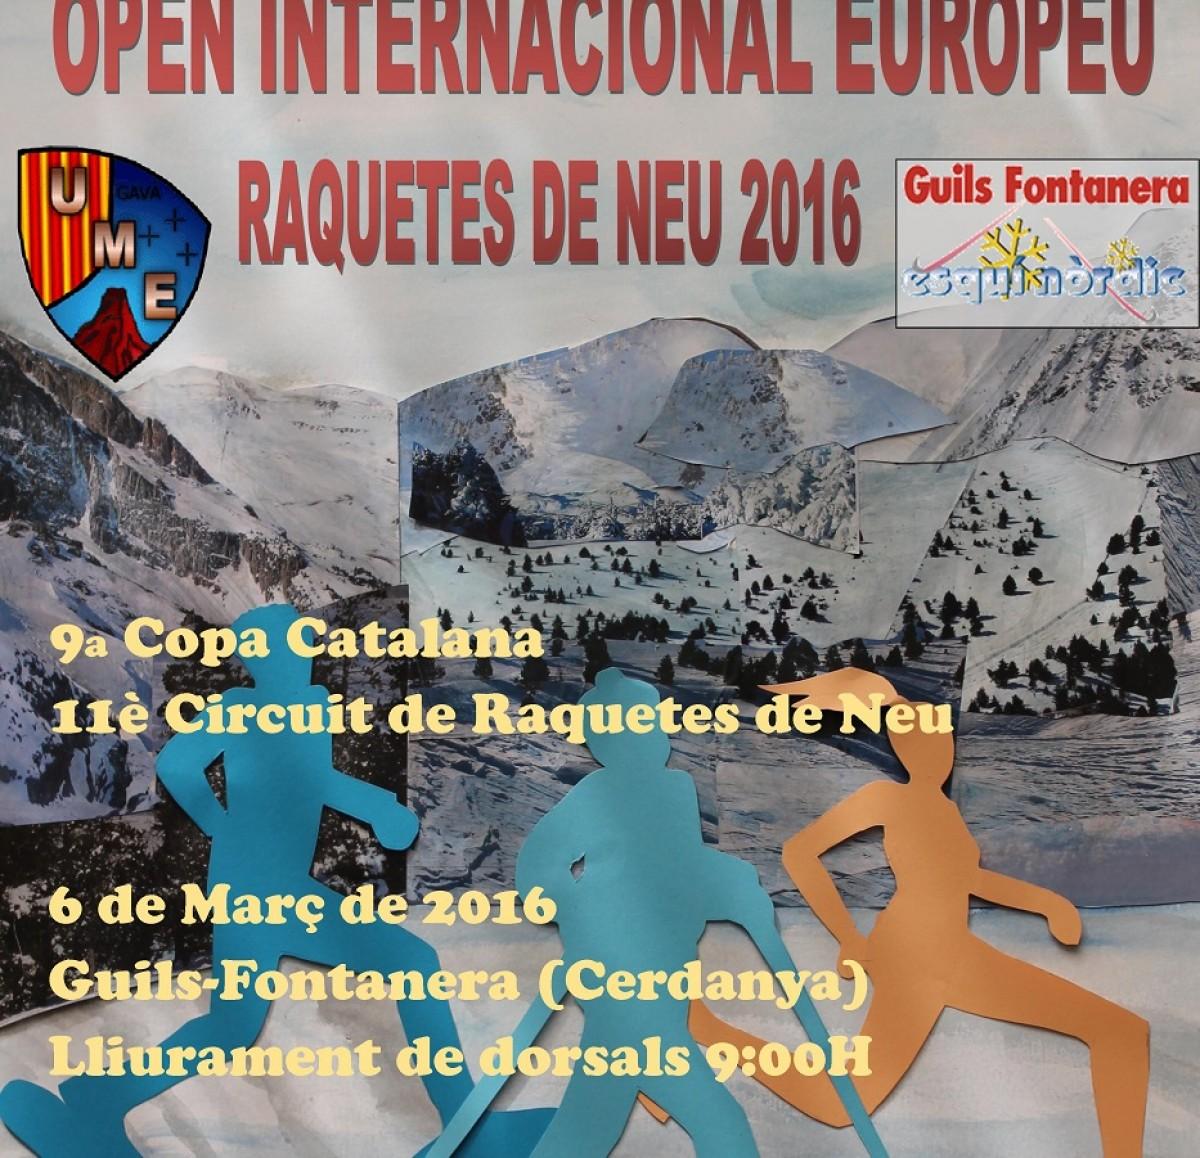 Cartell de la competició a Guils Fontanera